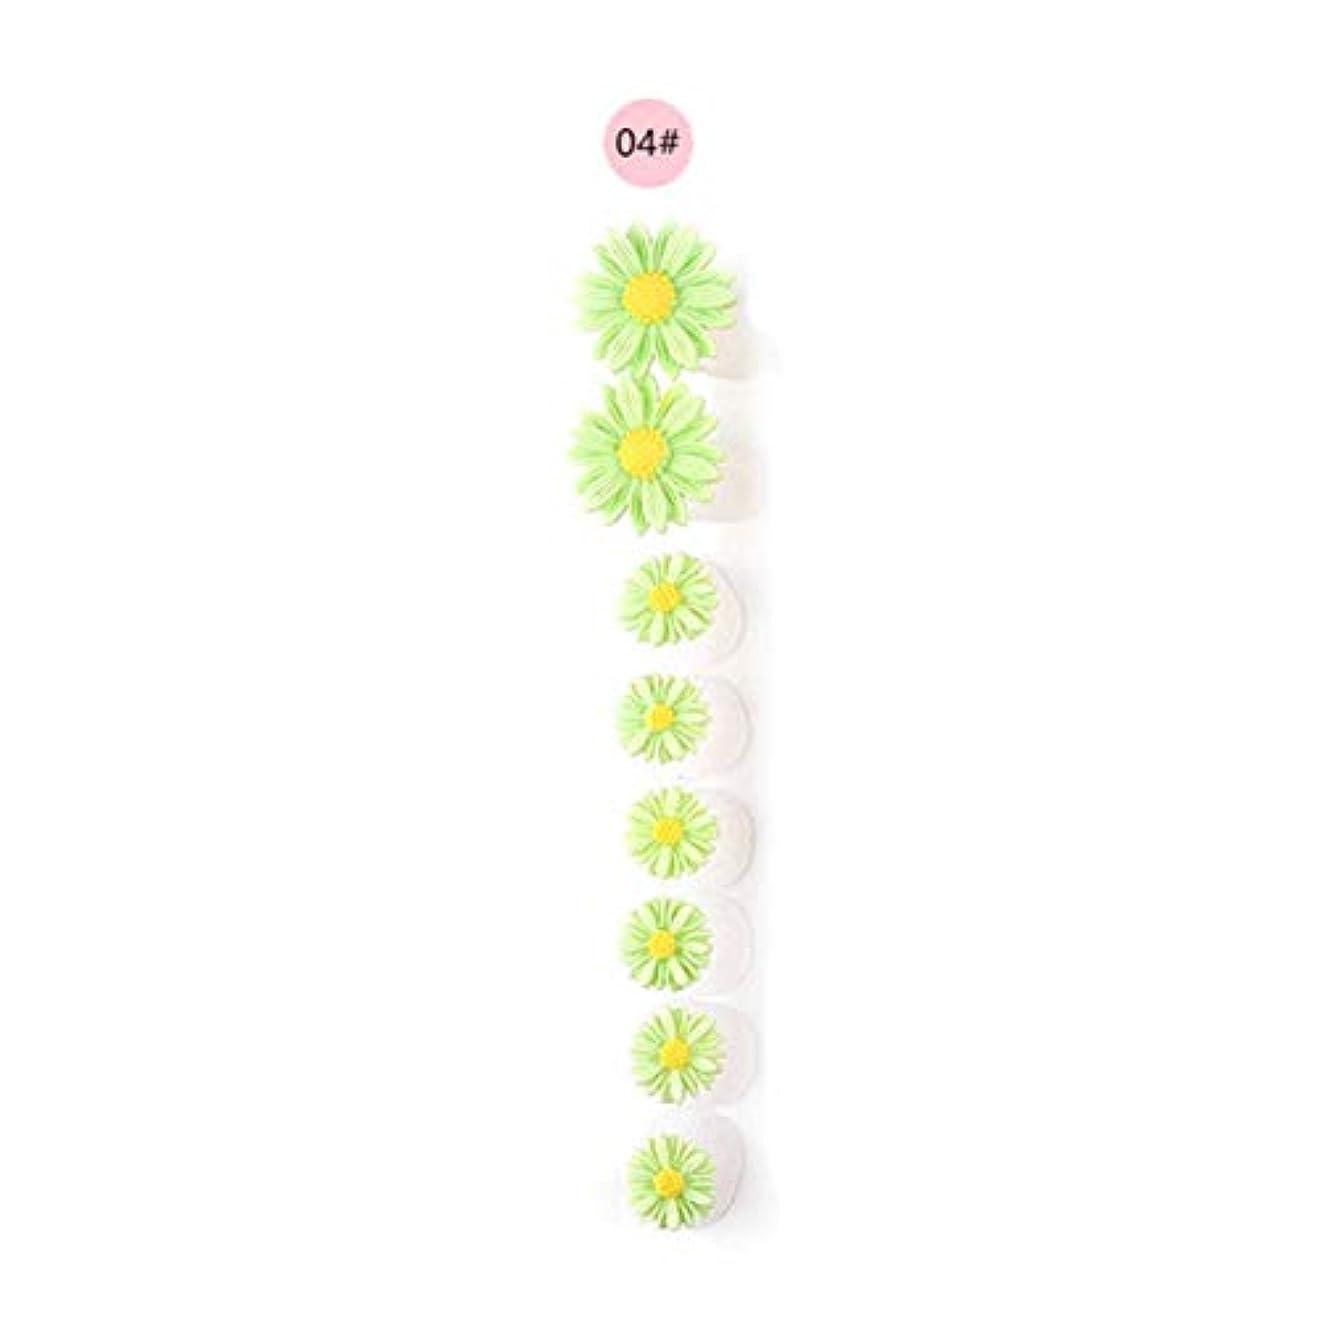 先のことを考える研究所クスコ8ピース/セットシリコンつま先セパレーター足つま先スペーサー花形ペディキュアDIYネイルアートツール-カラフル04#